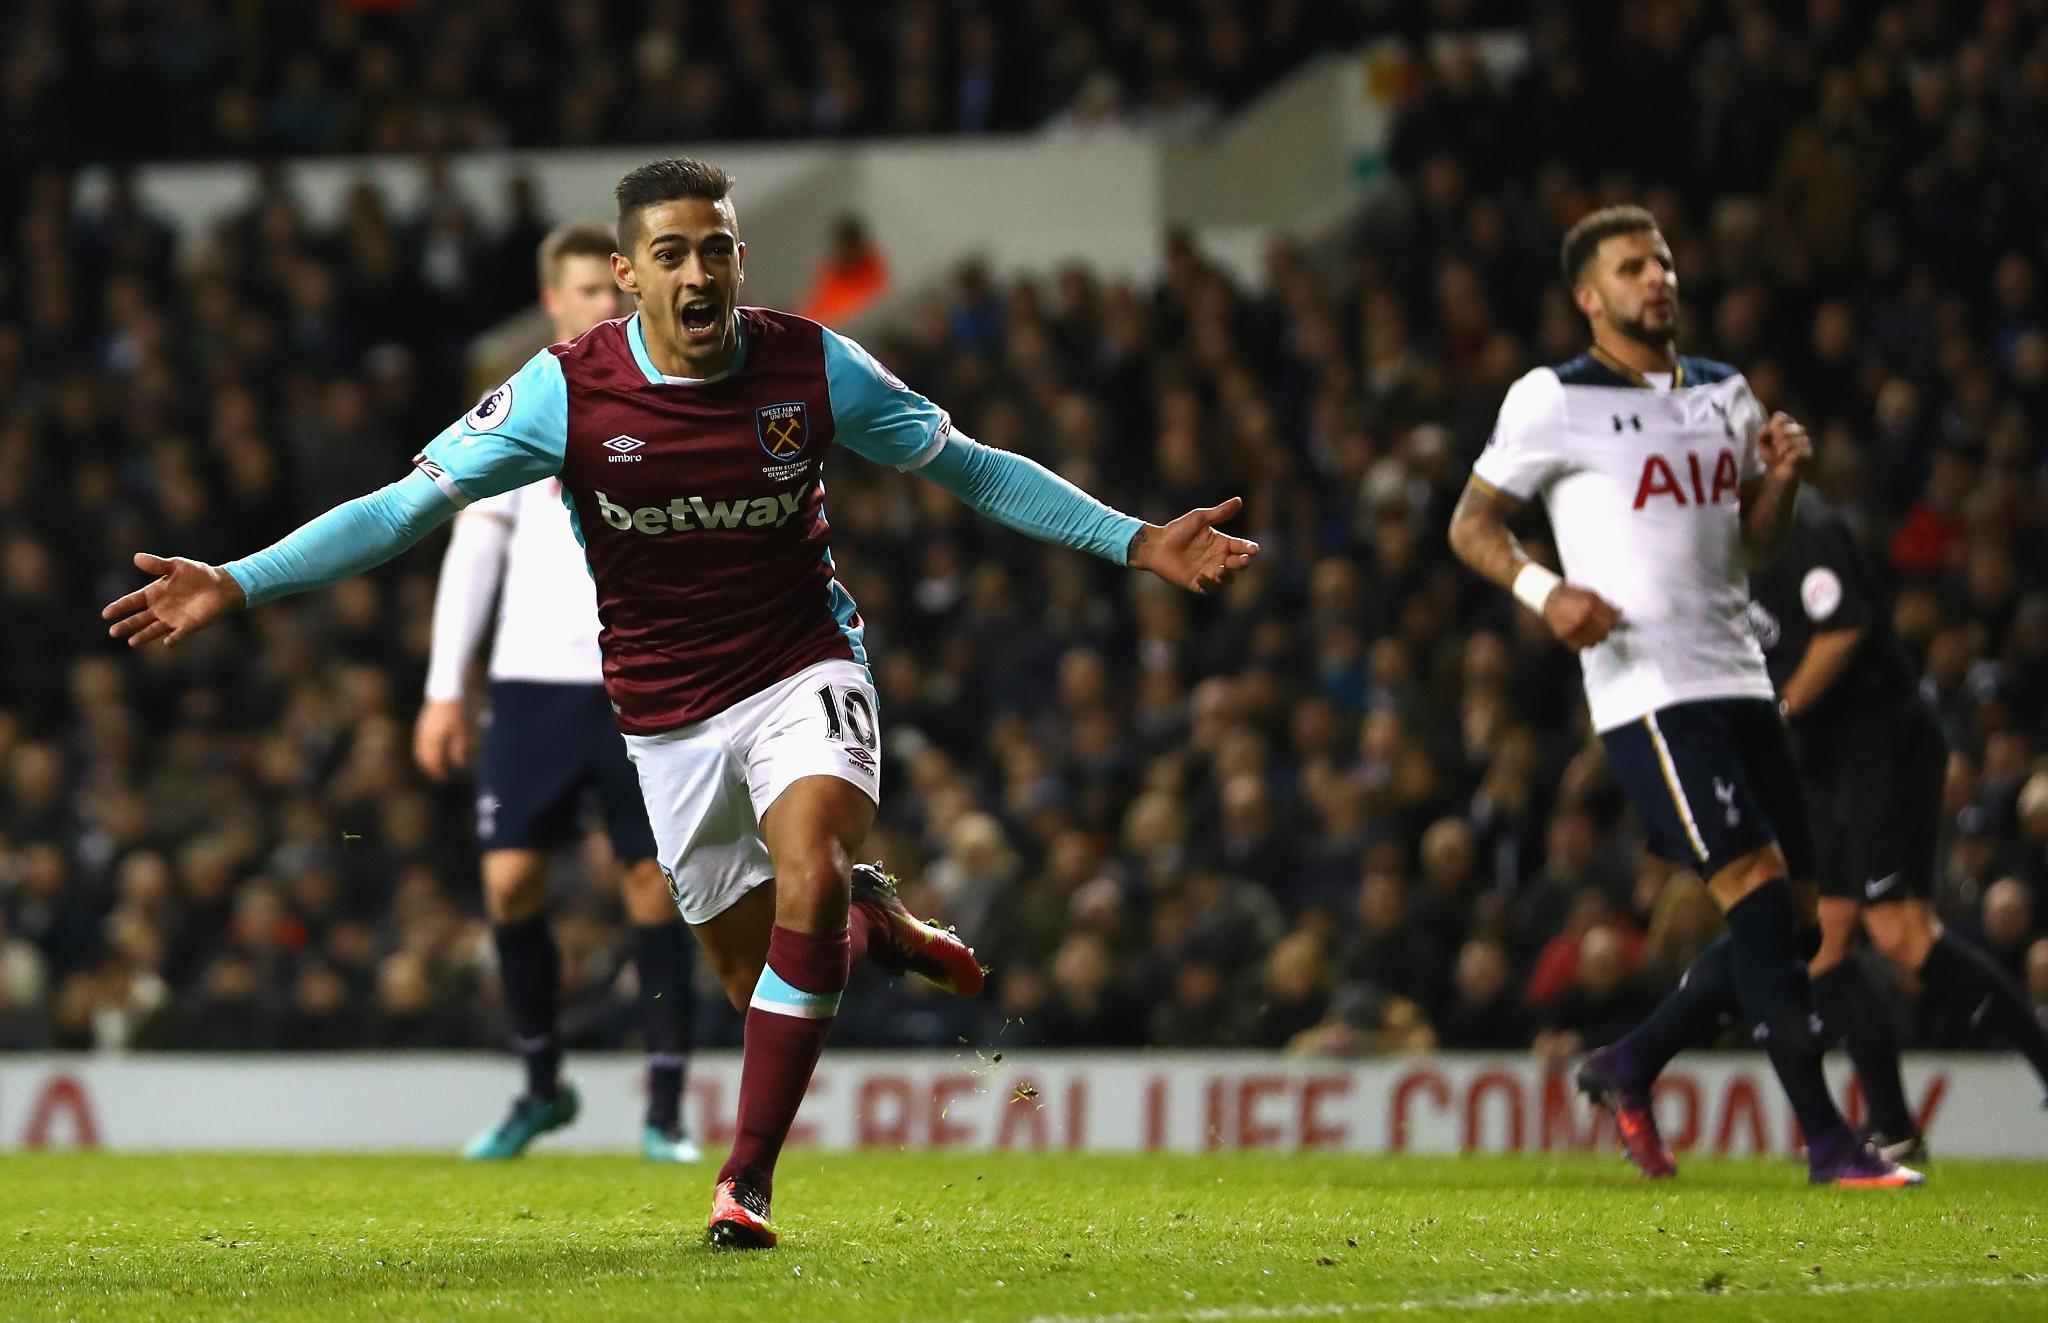 West Ham Deal Tottenham EPL Title Blow, Boost Chelsea Chances